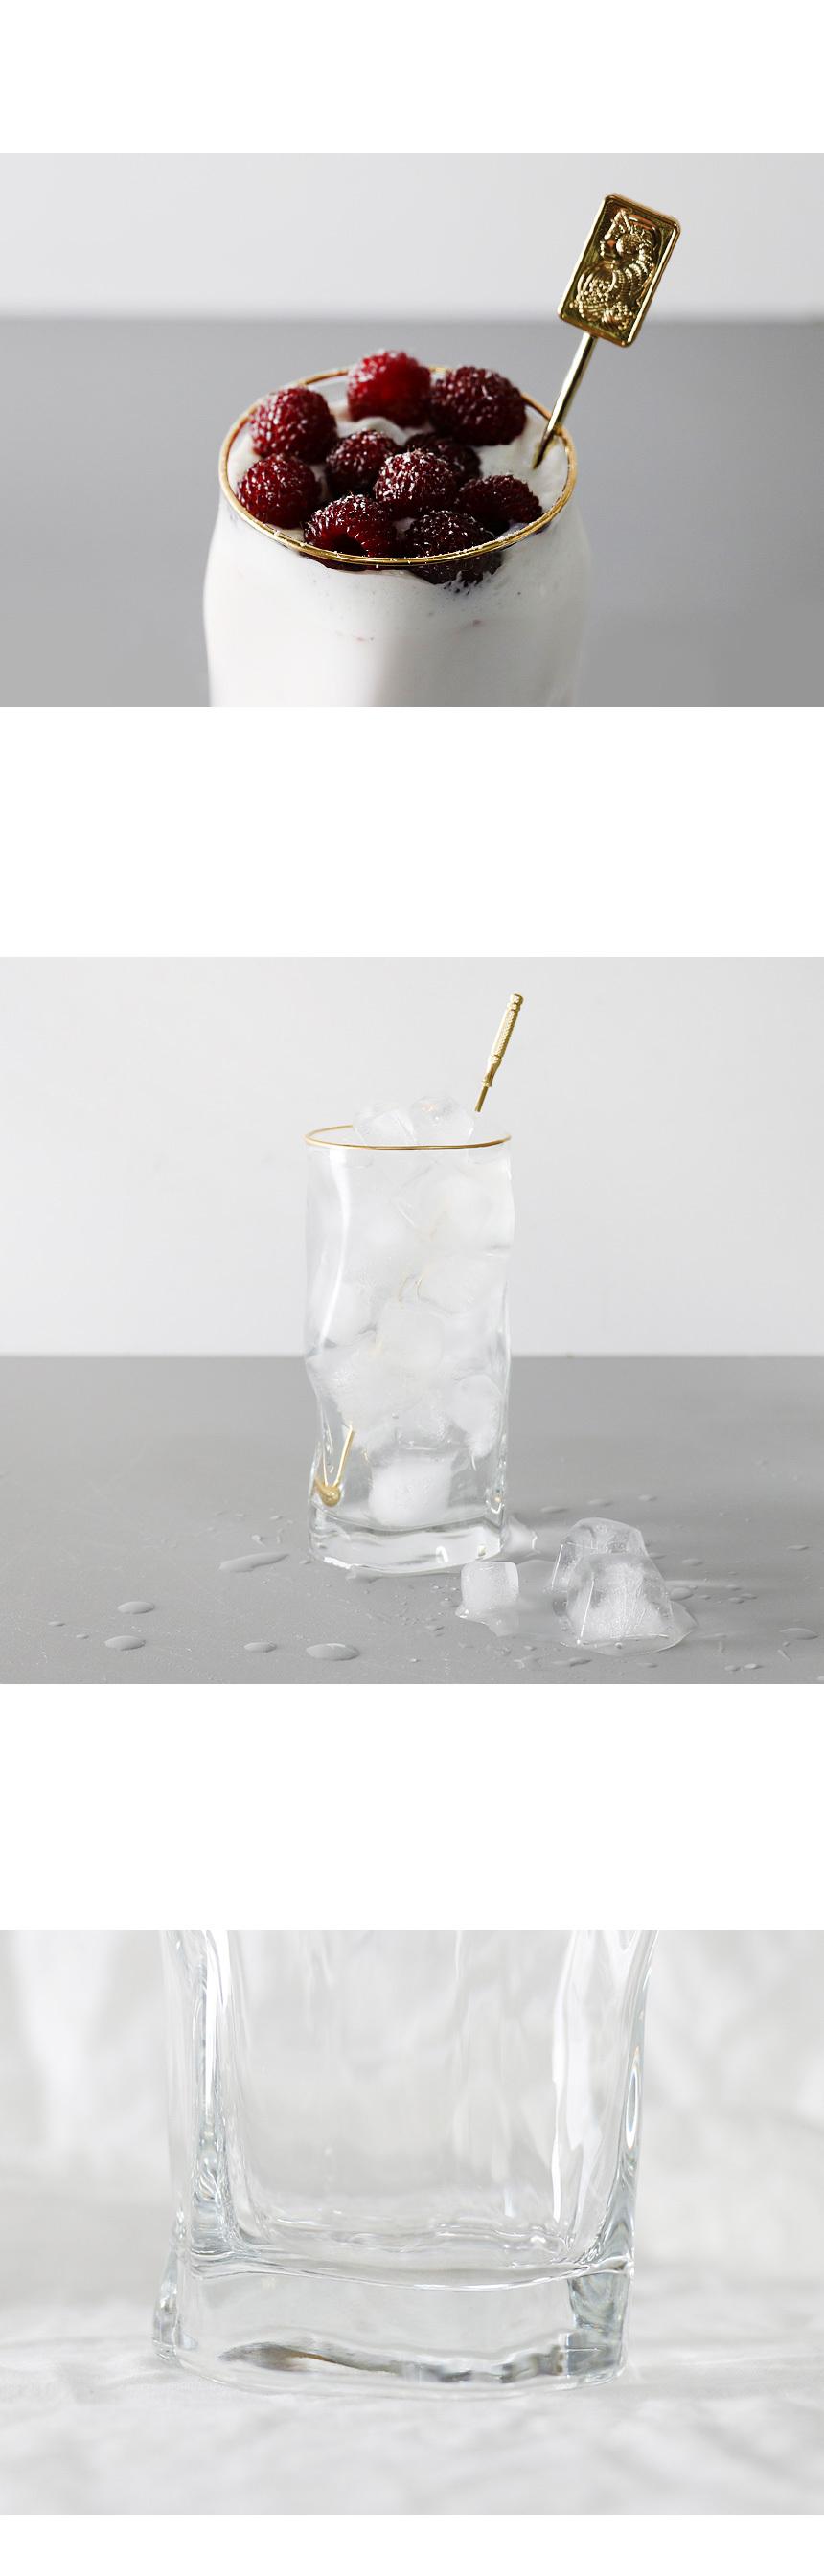 골드 물결 카페 유리컵 450ml - 키친몰링, 9,200원, 유리컵/술잔, 유리컵